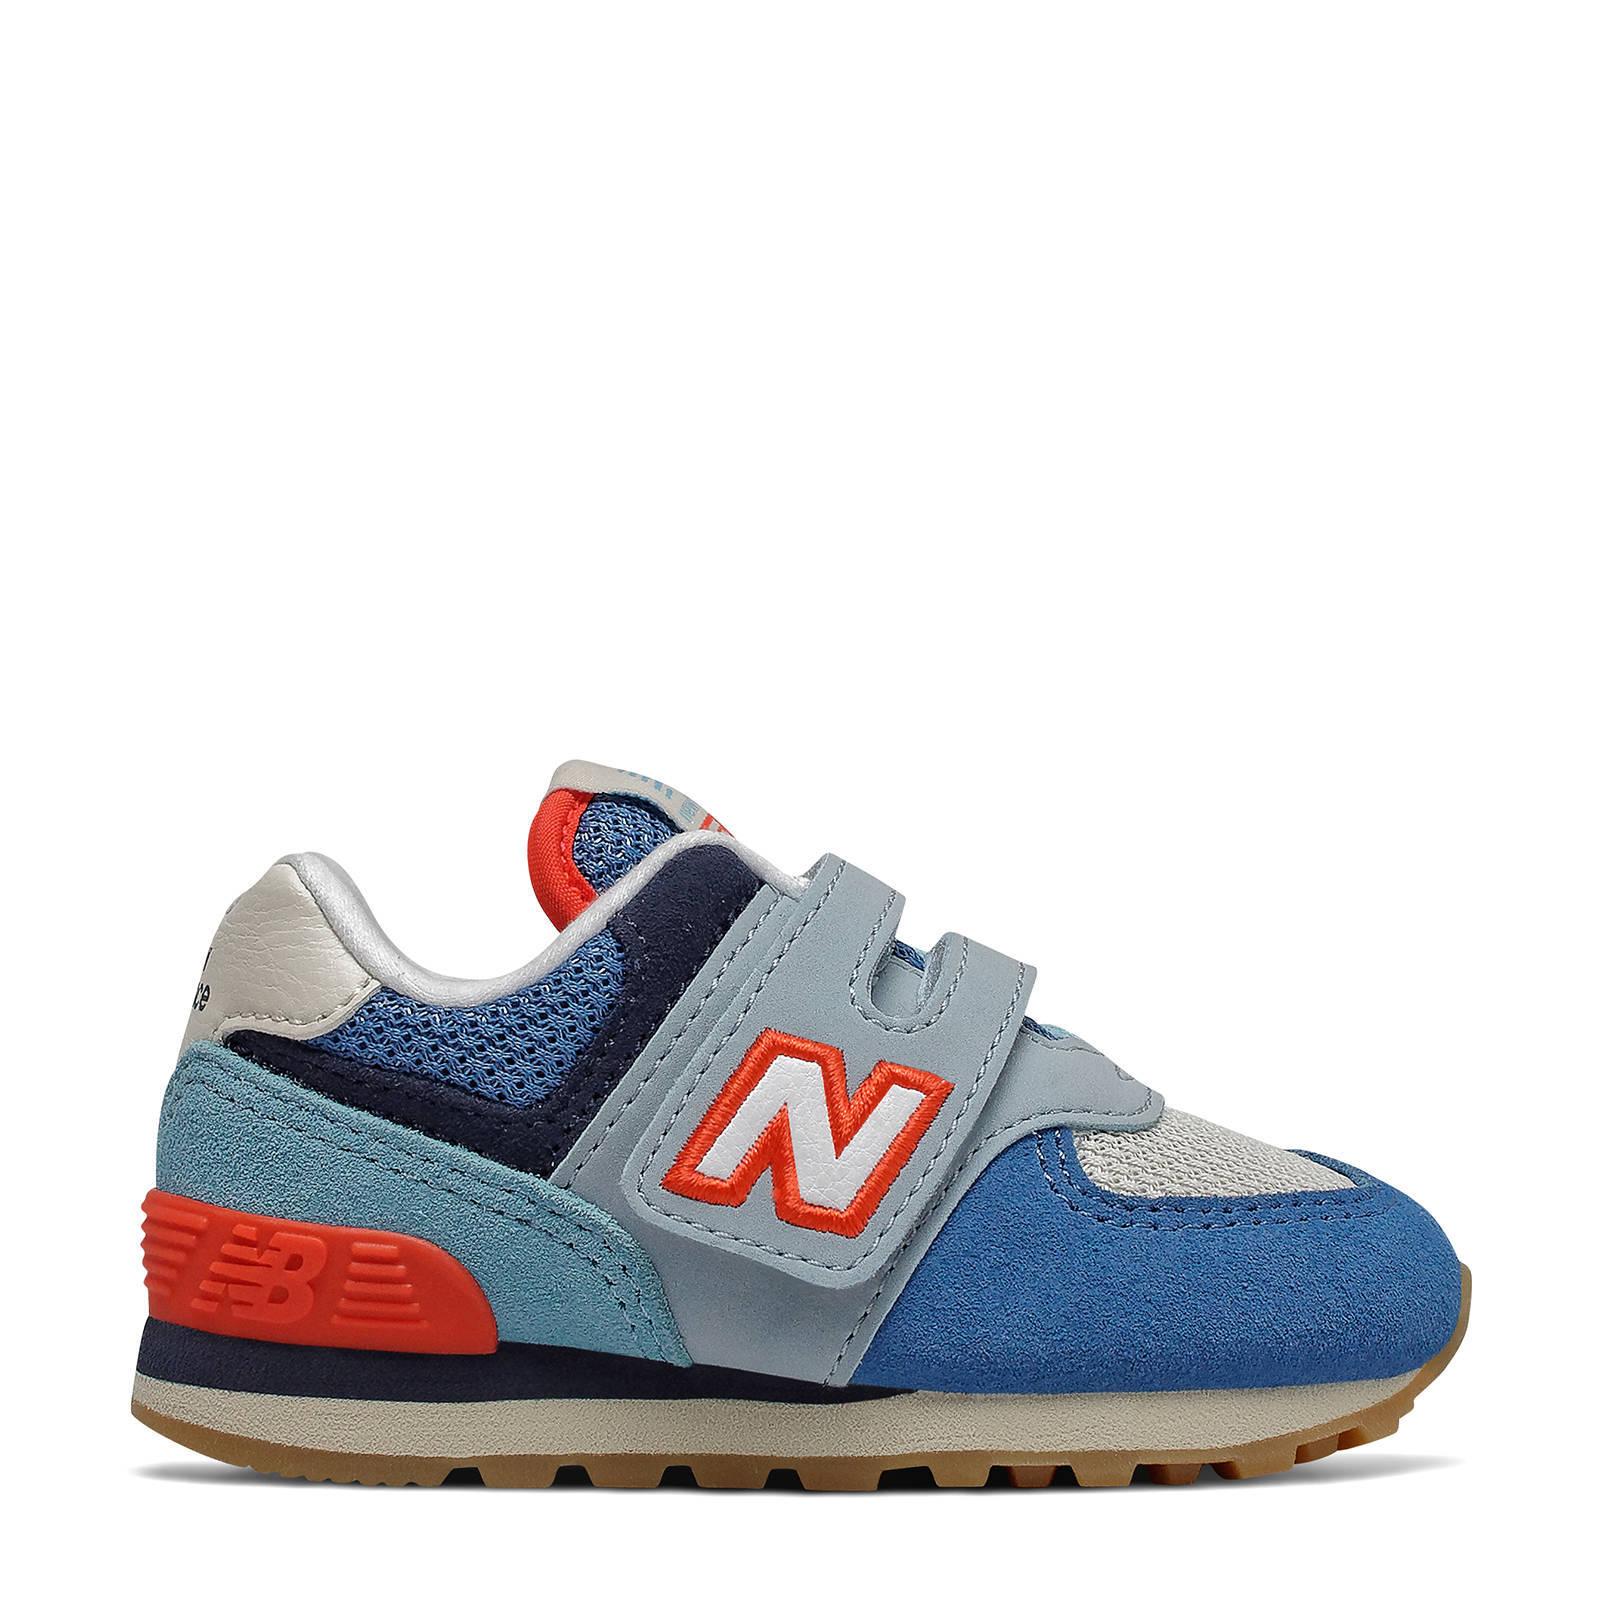 New Balance 574 sneakers blauw/lichtblauw/rood | wehkamp